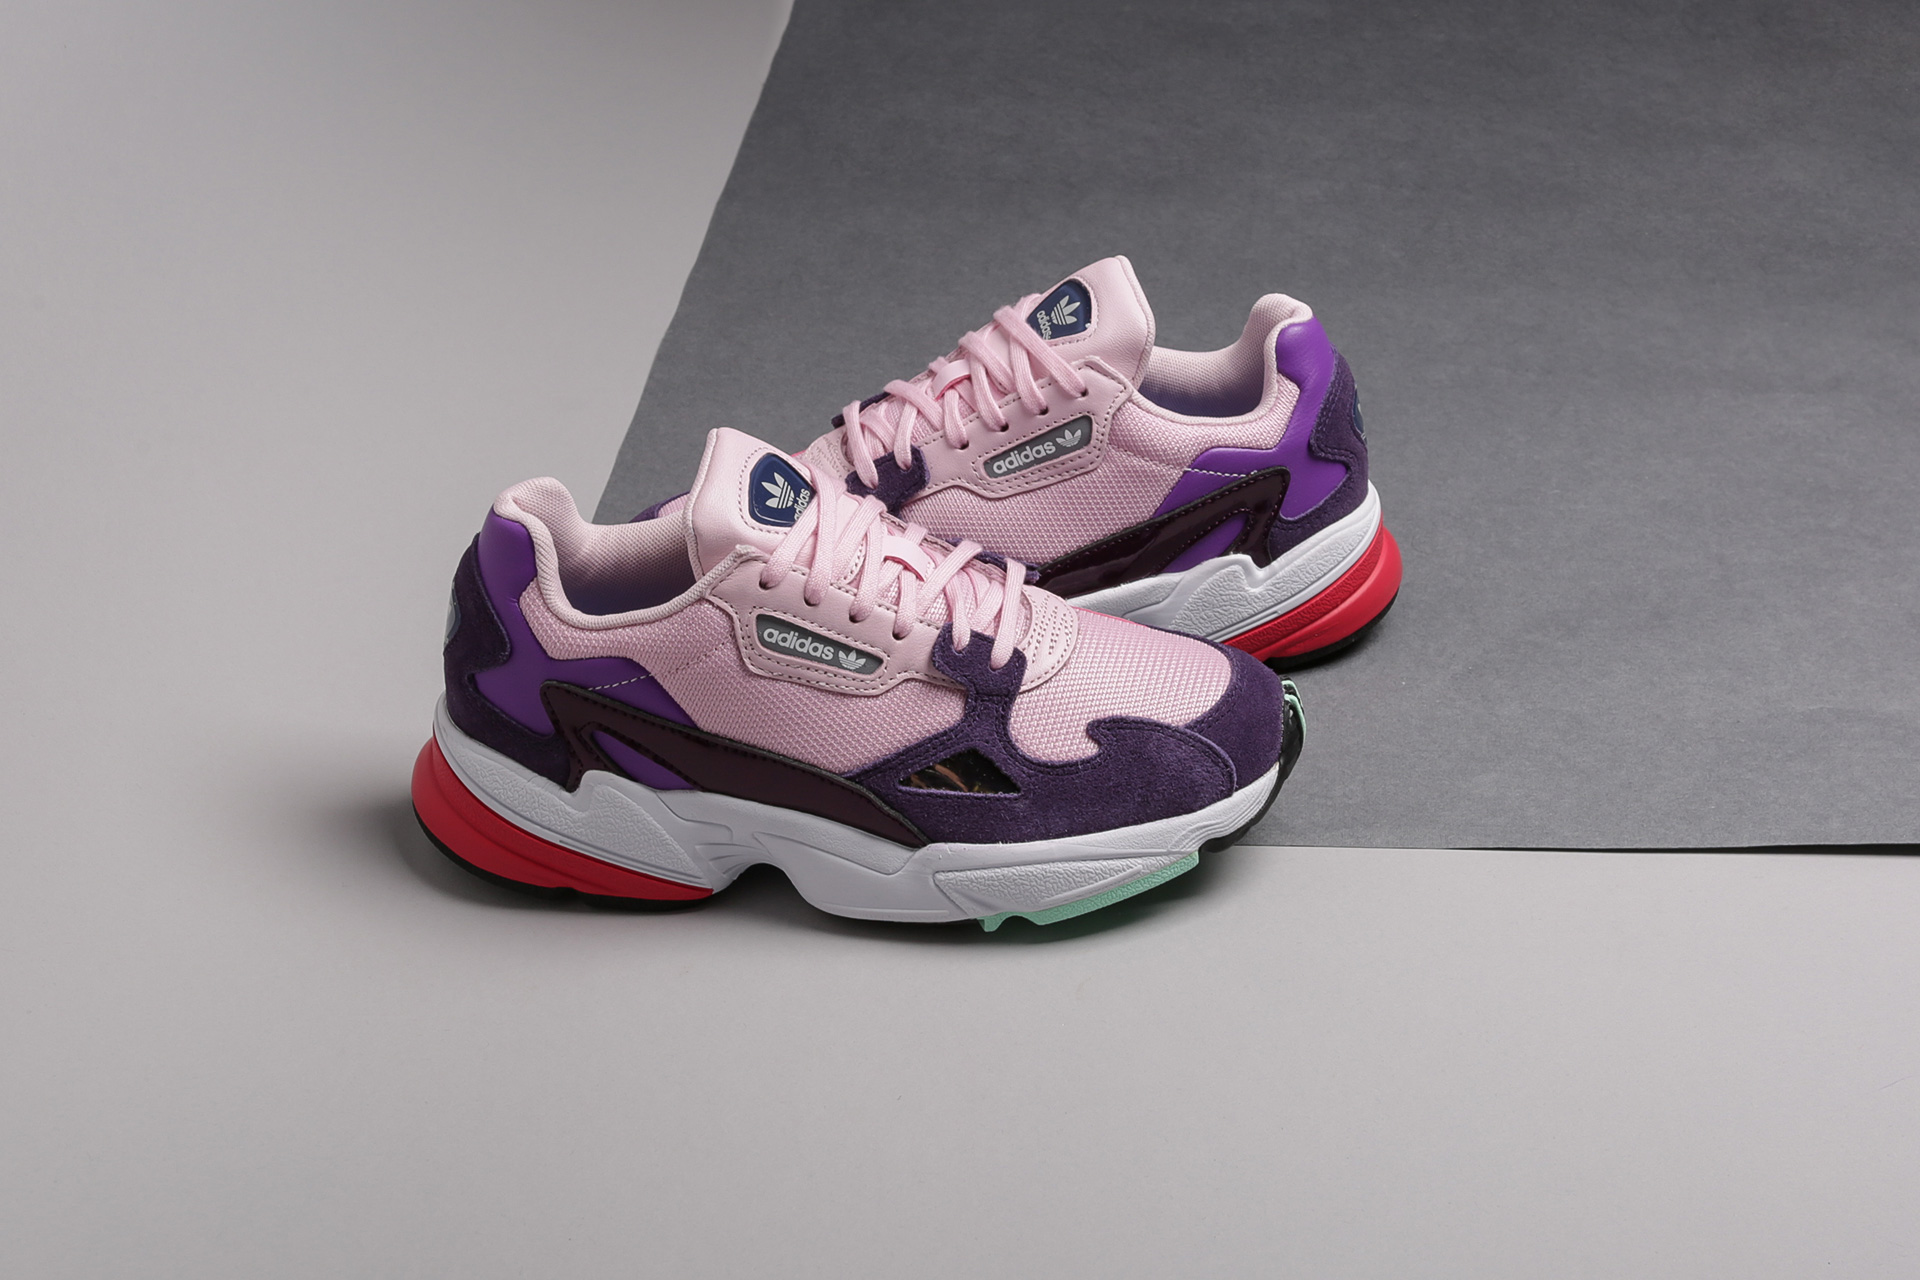 644c8d96 Купить розовые женские кроссовки Falcon W от adidas Originals ...